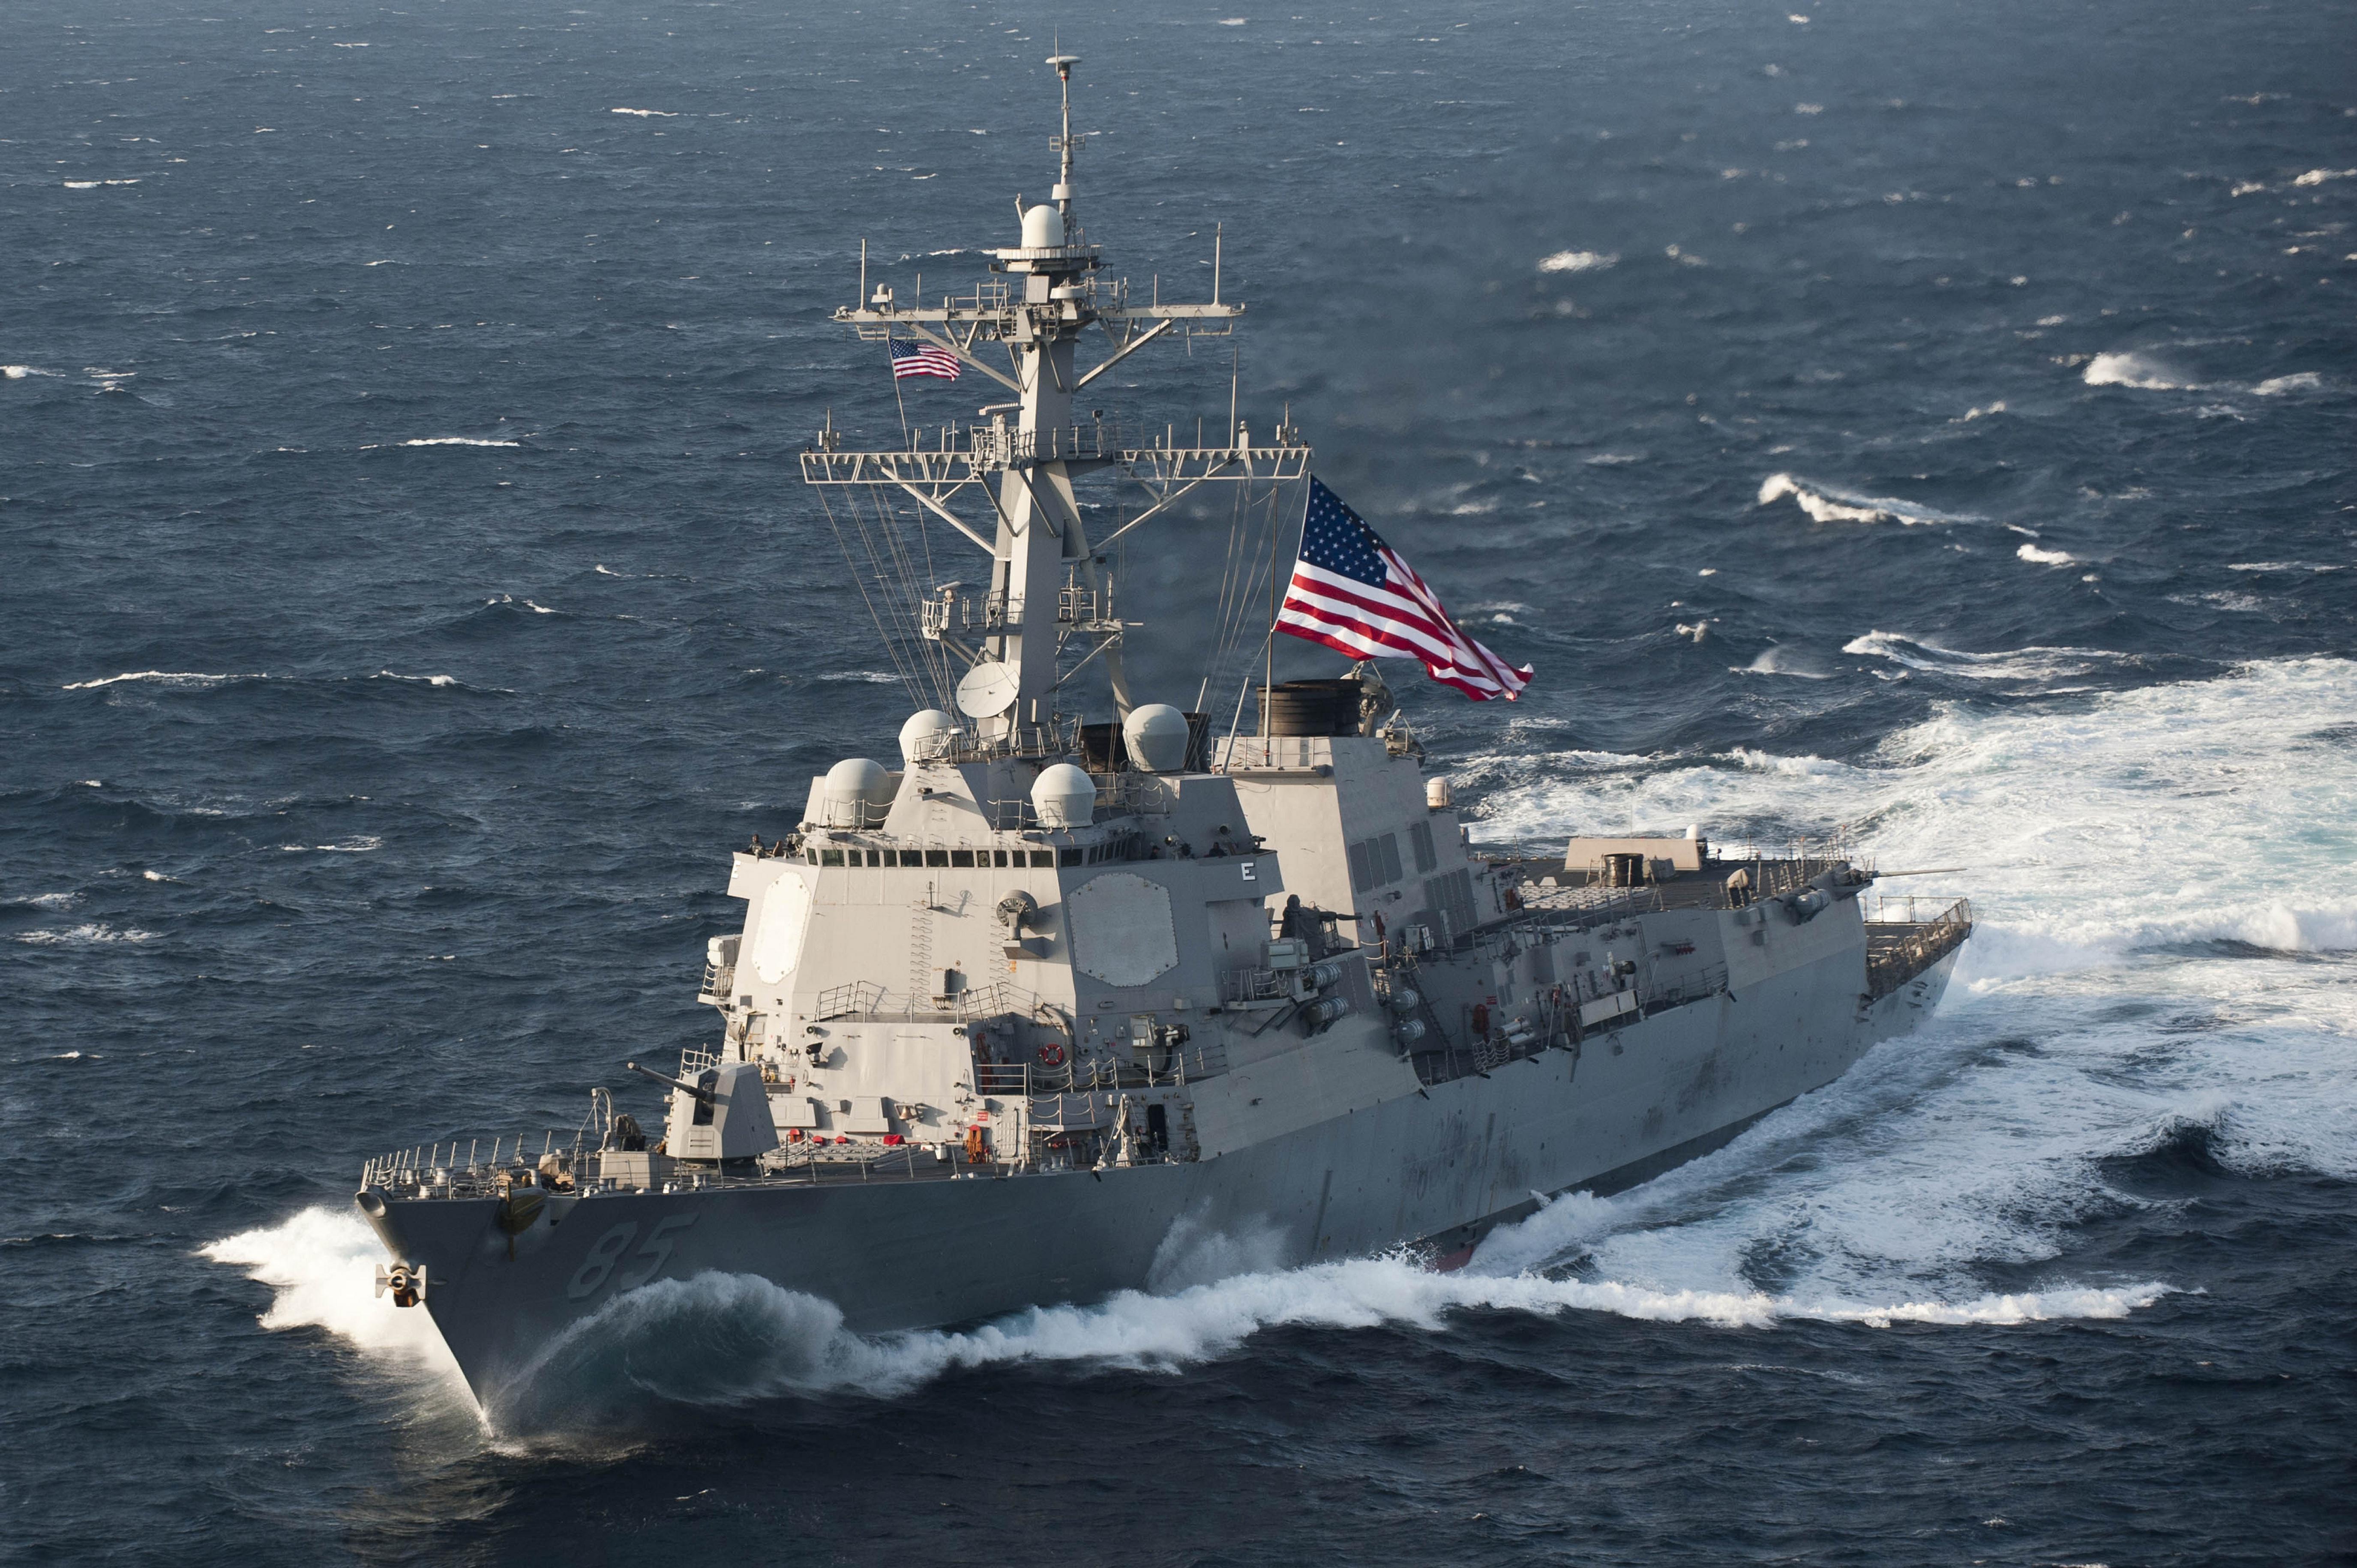 Новая военная опция. ВМС США готовятся применять силу в чужих территориальных водах